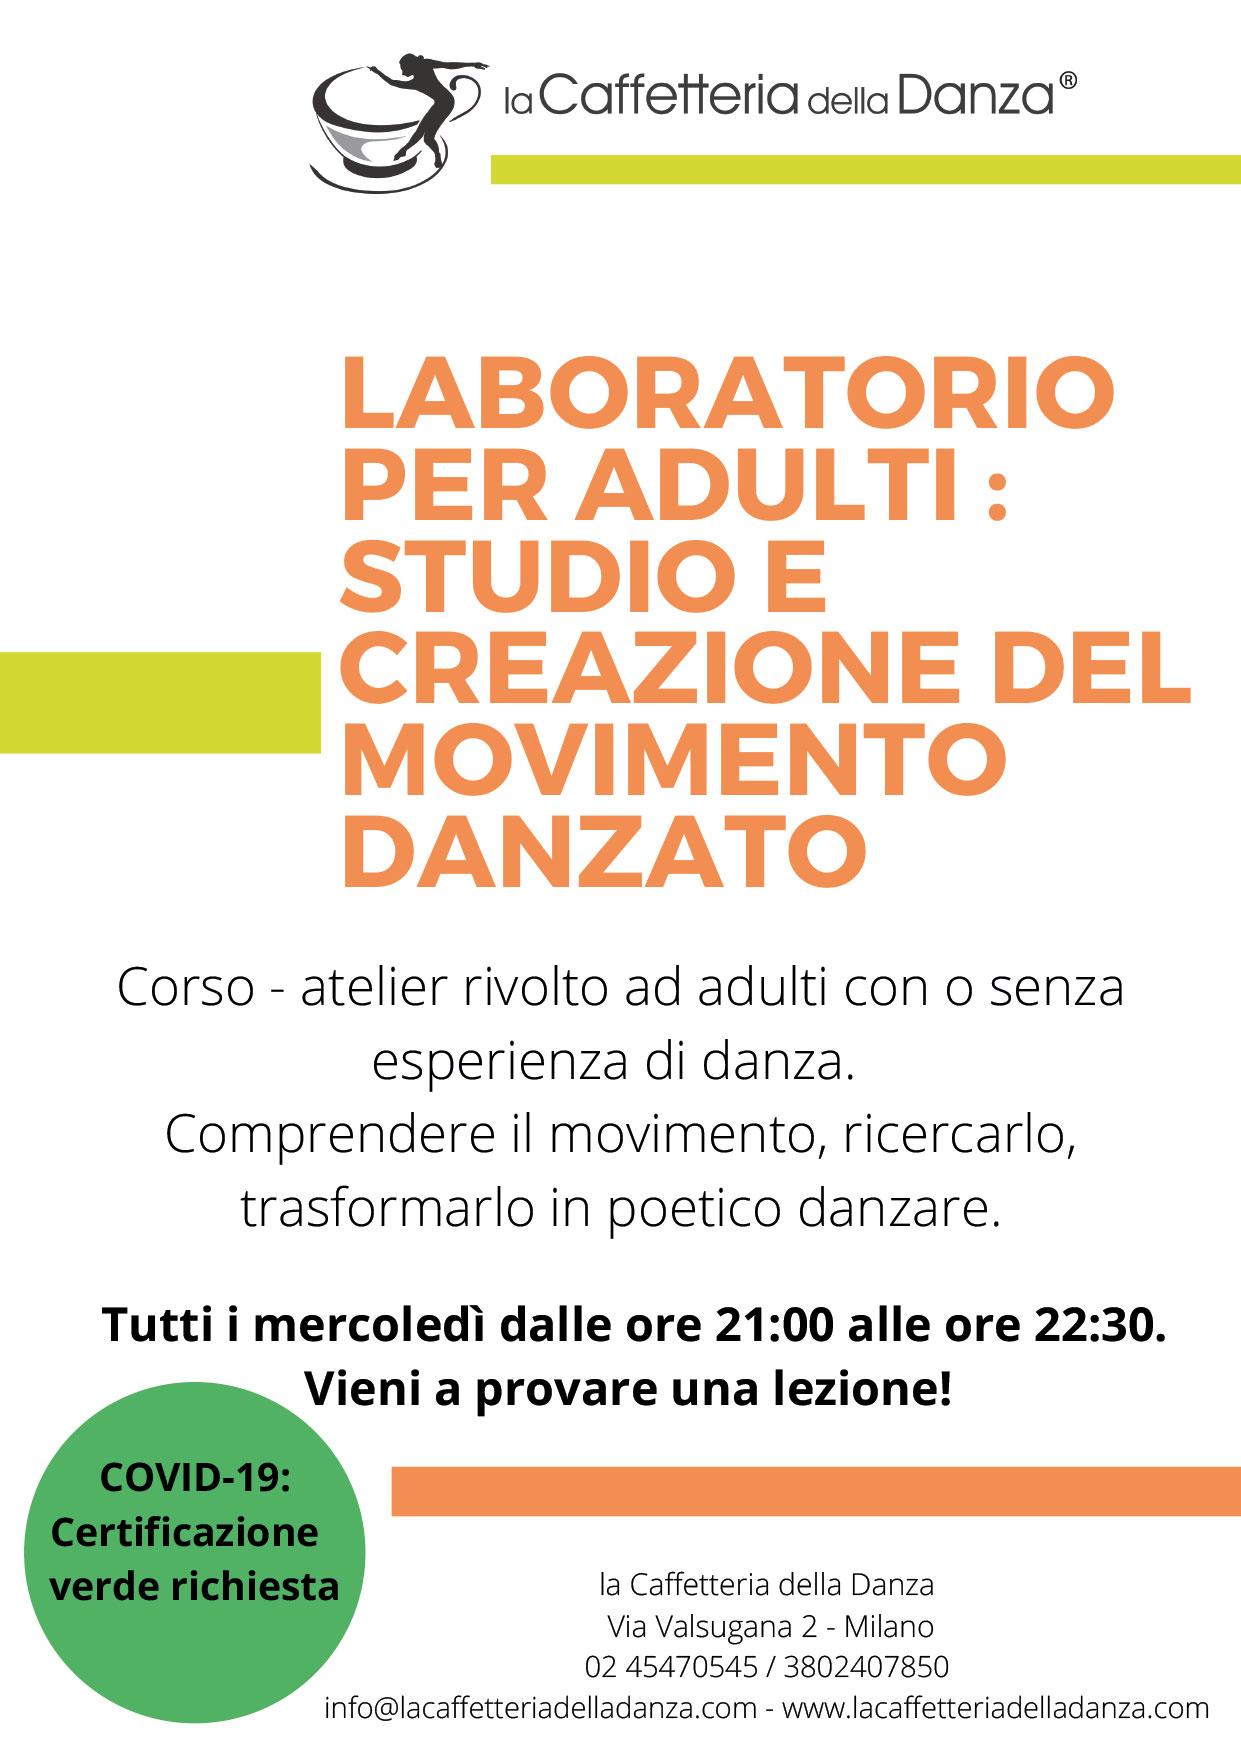 DEF-Laboratorio-per-Adulti-studio-e-creazione-del-movimento-danzato-(1)